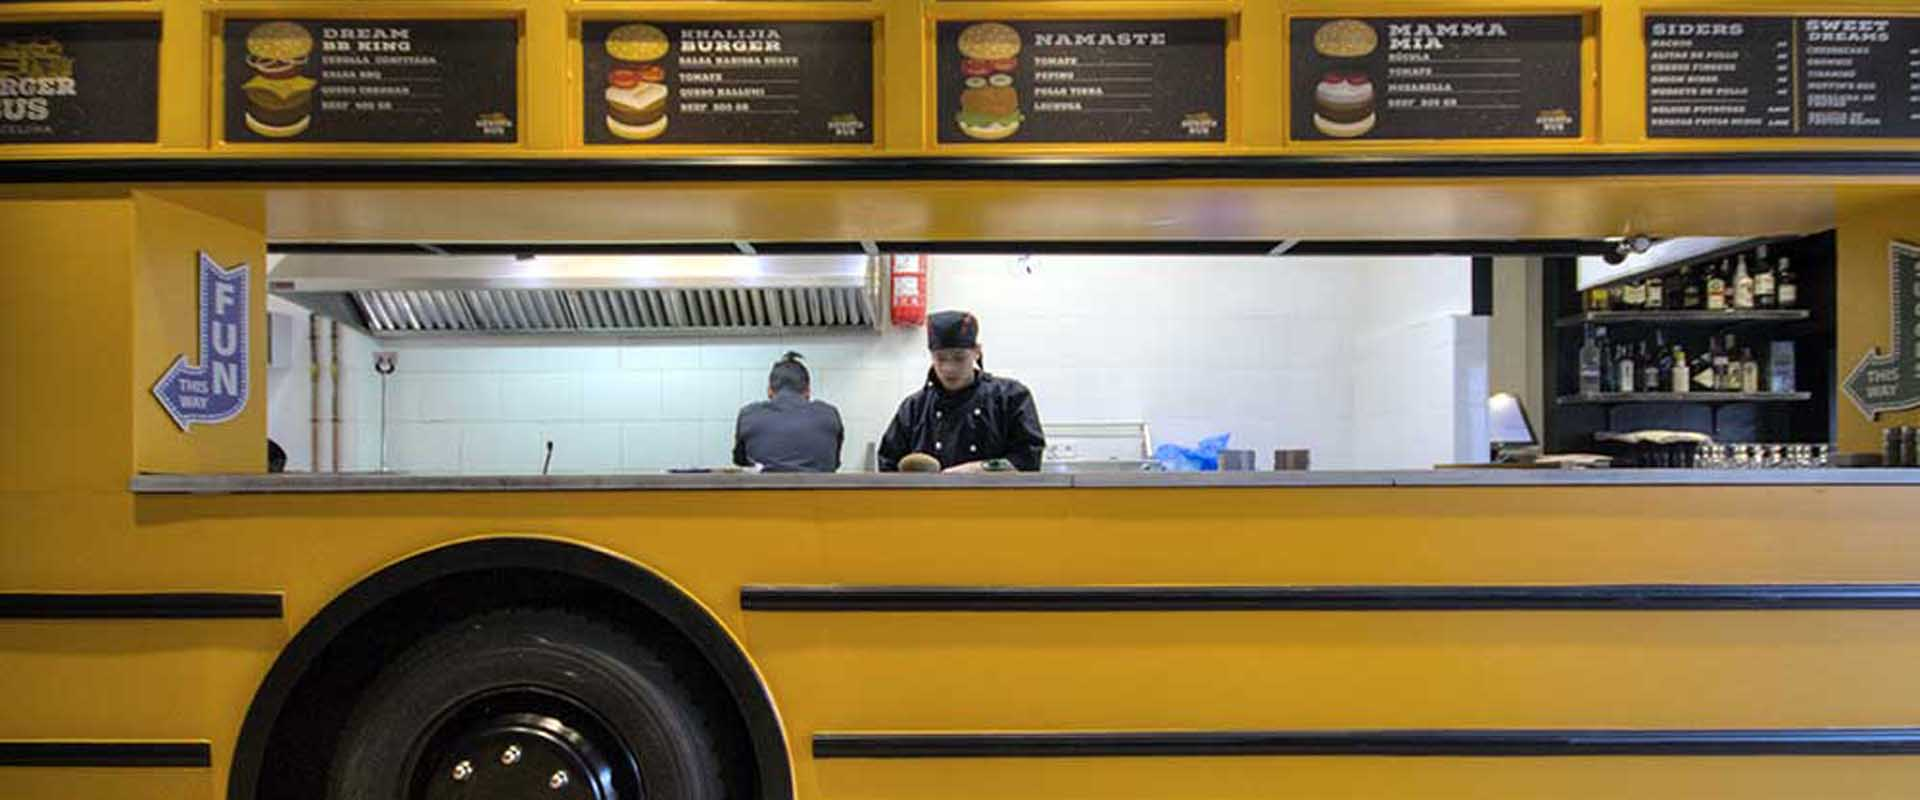 Vista desde el salón hacia el food truck con la cocina vista